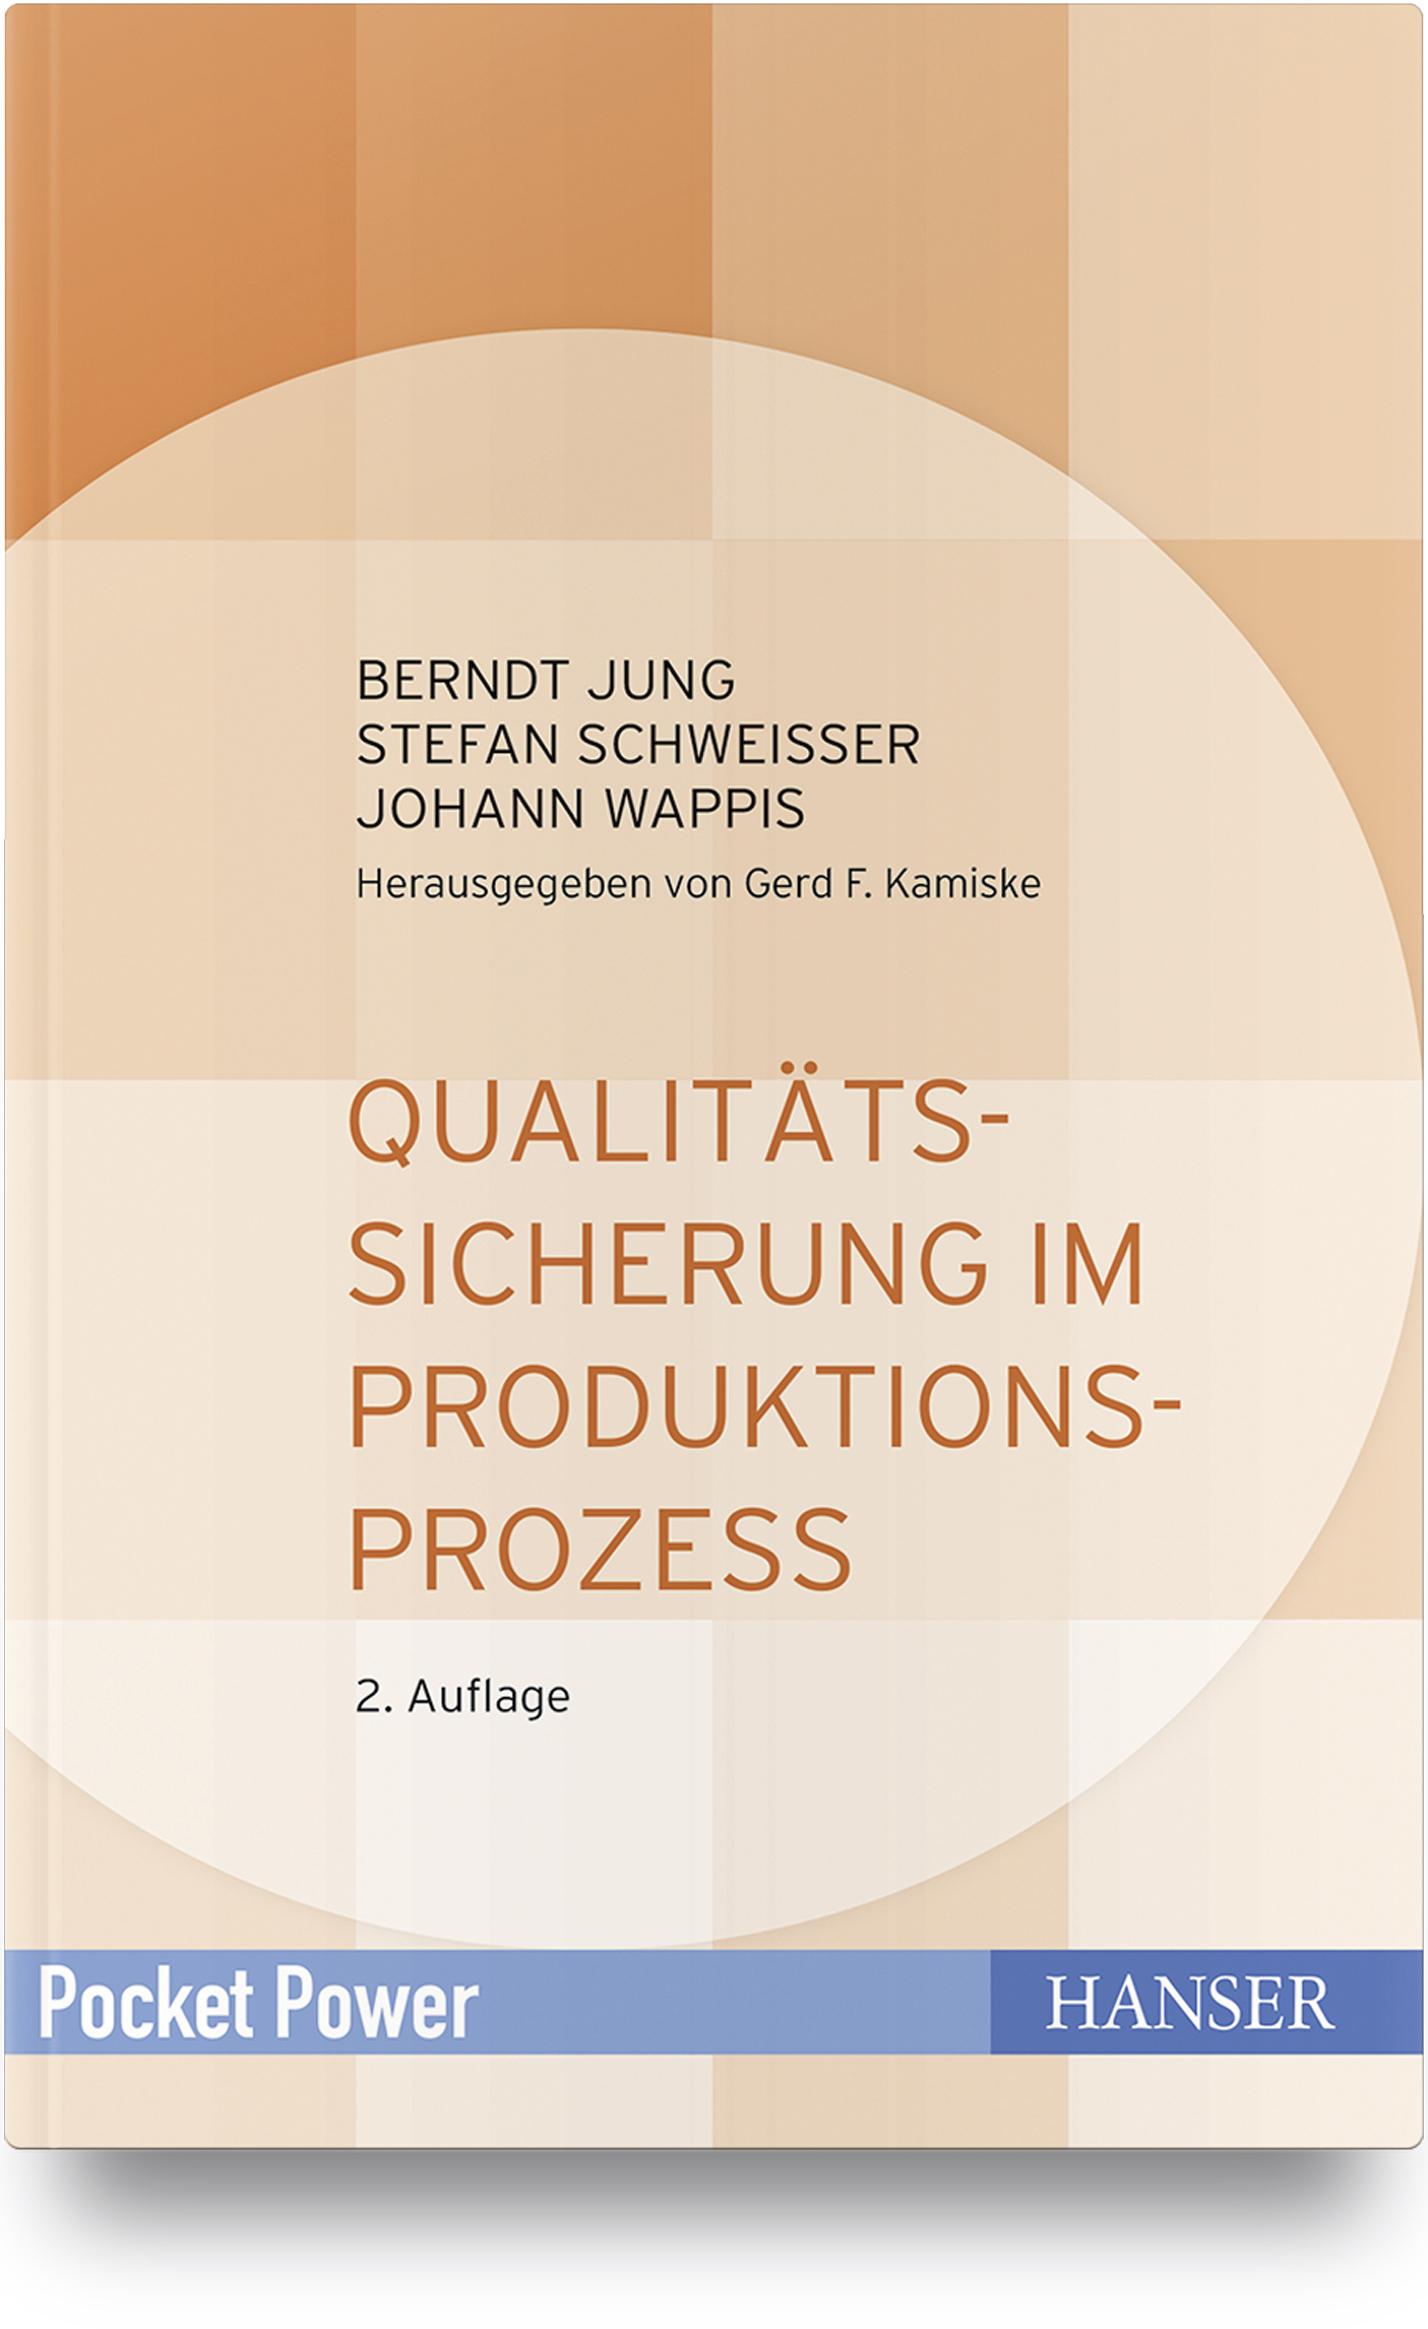 Jung, Schweißer, Wappis, Qualitätssicherung im Produktionsprozess, 978-3-446-46152-9